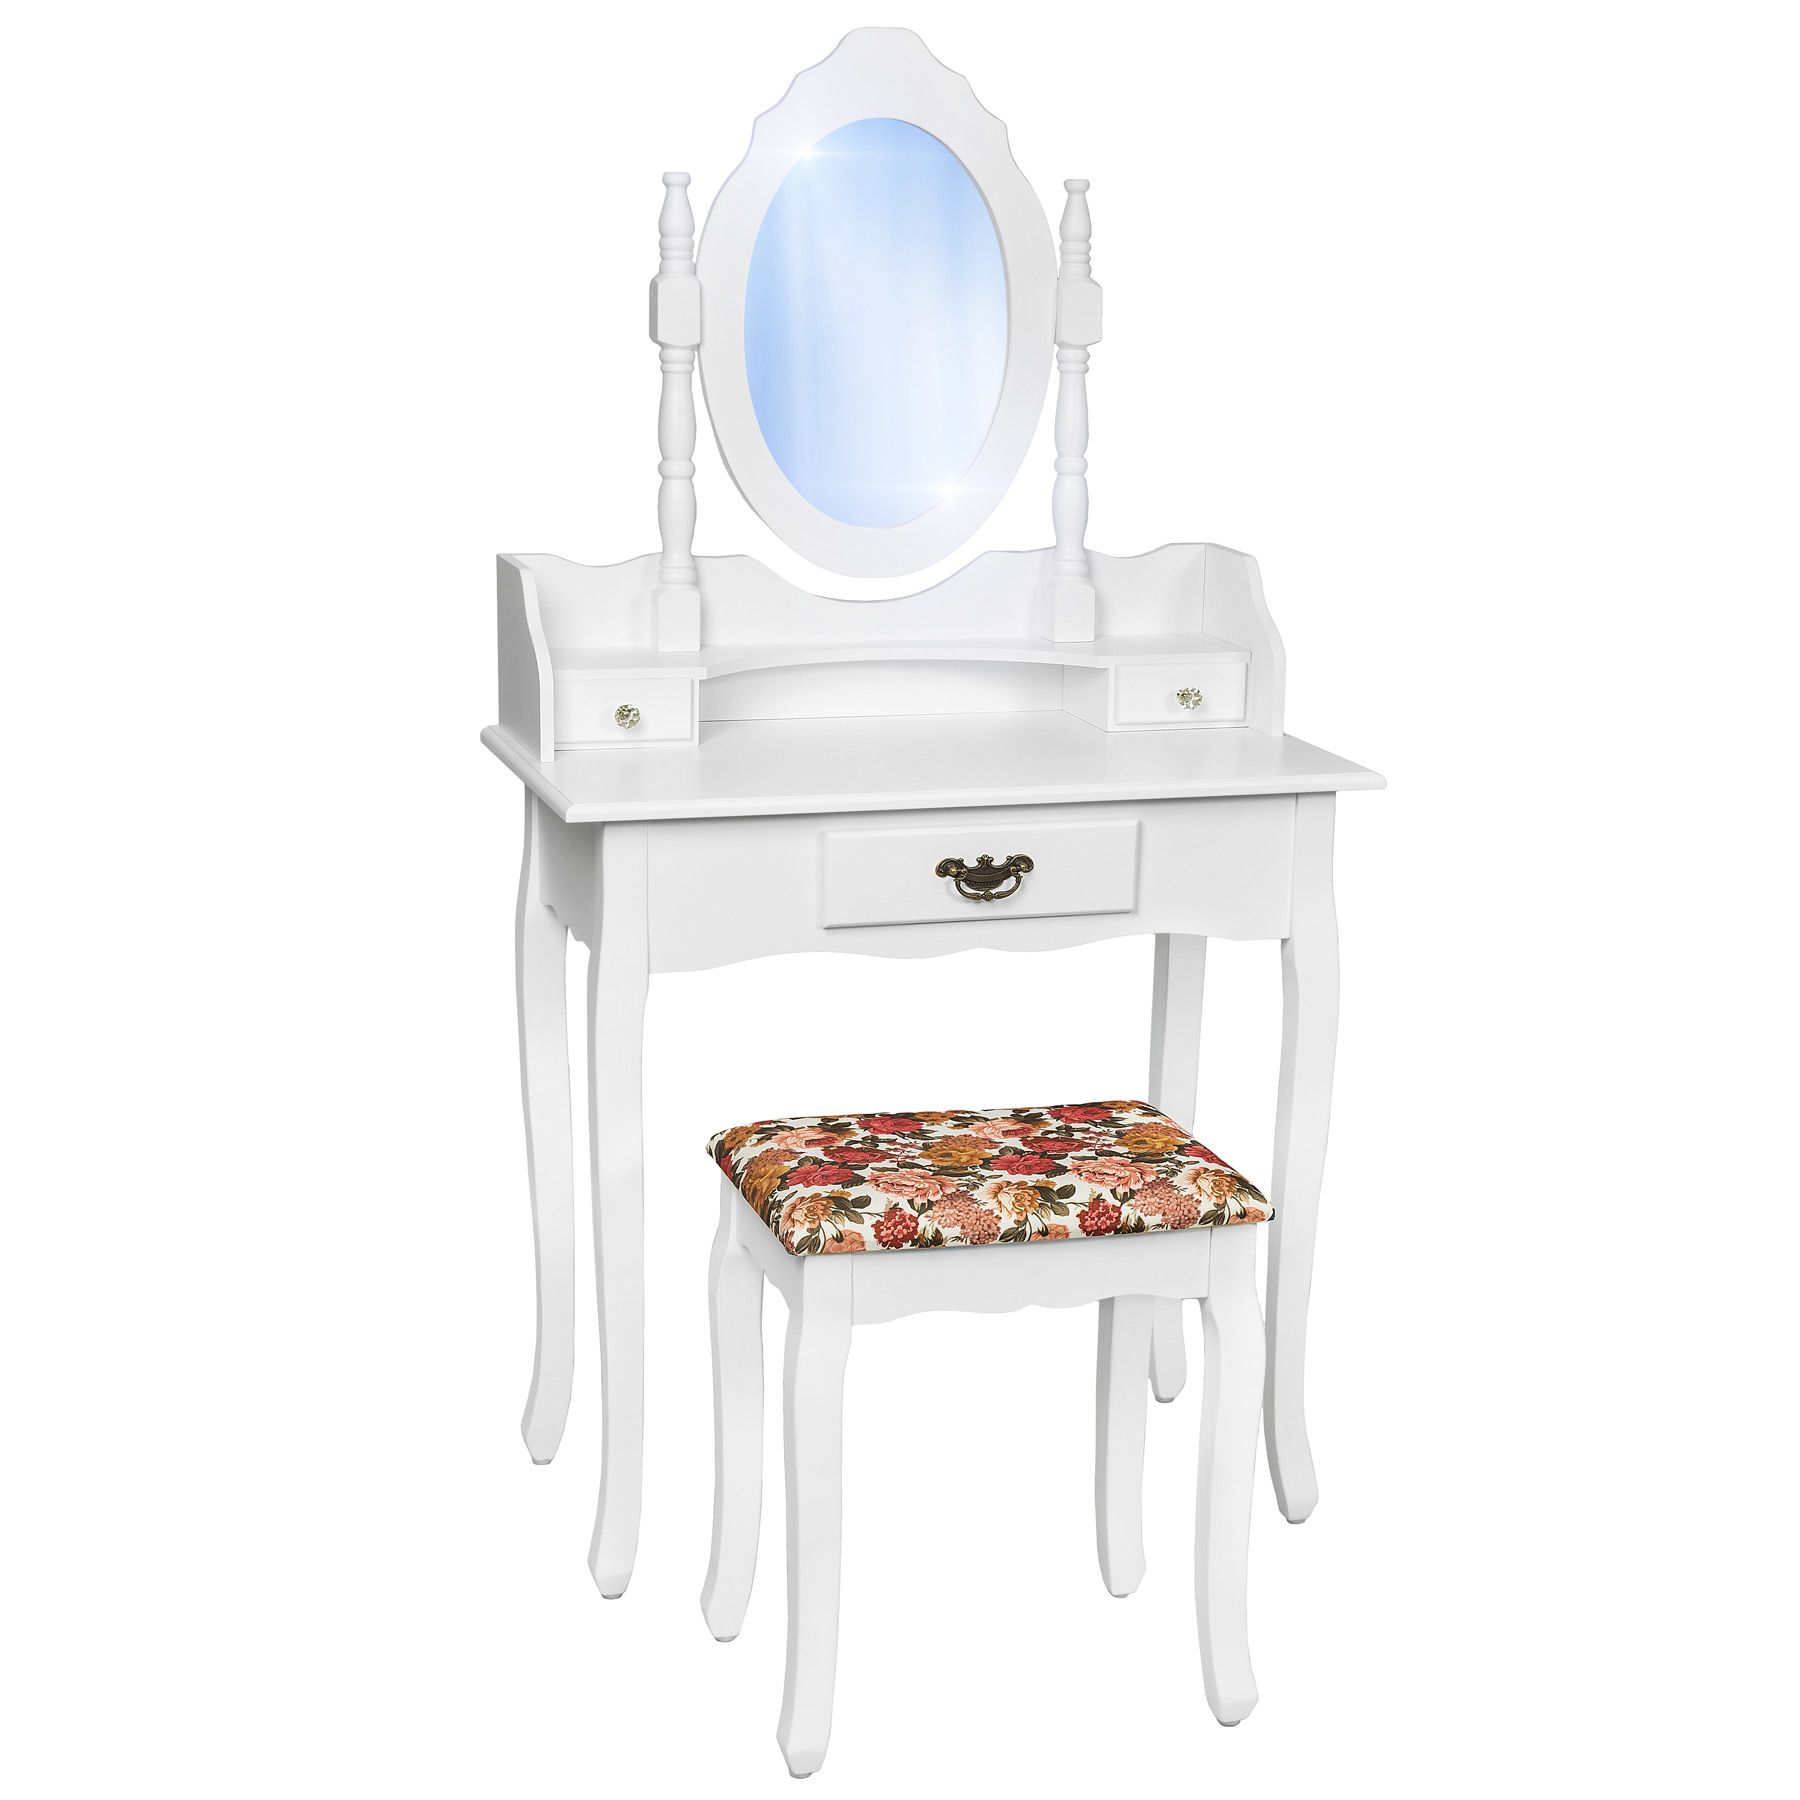 coiffeuse meuble table de maquillage tabouret commode avec miroir blanc ebay. Black Bedroom Furniture Sets. Home Design Ideas